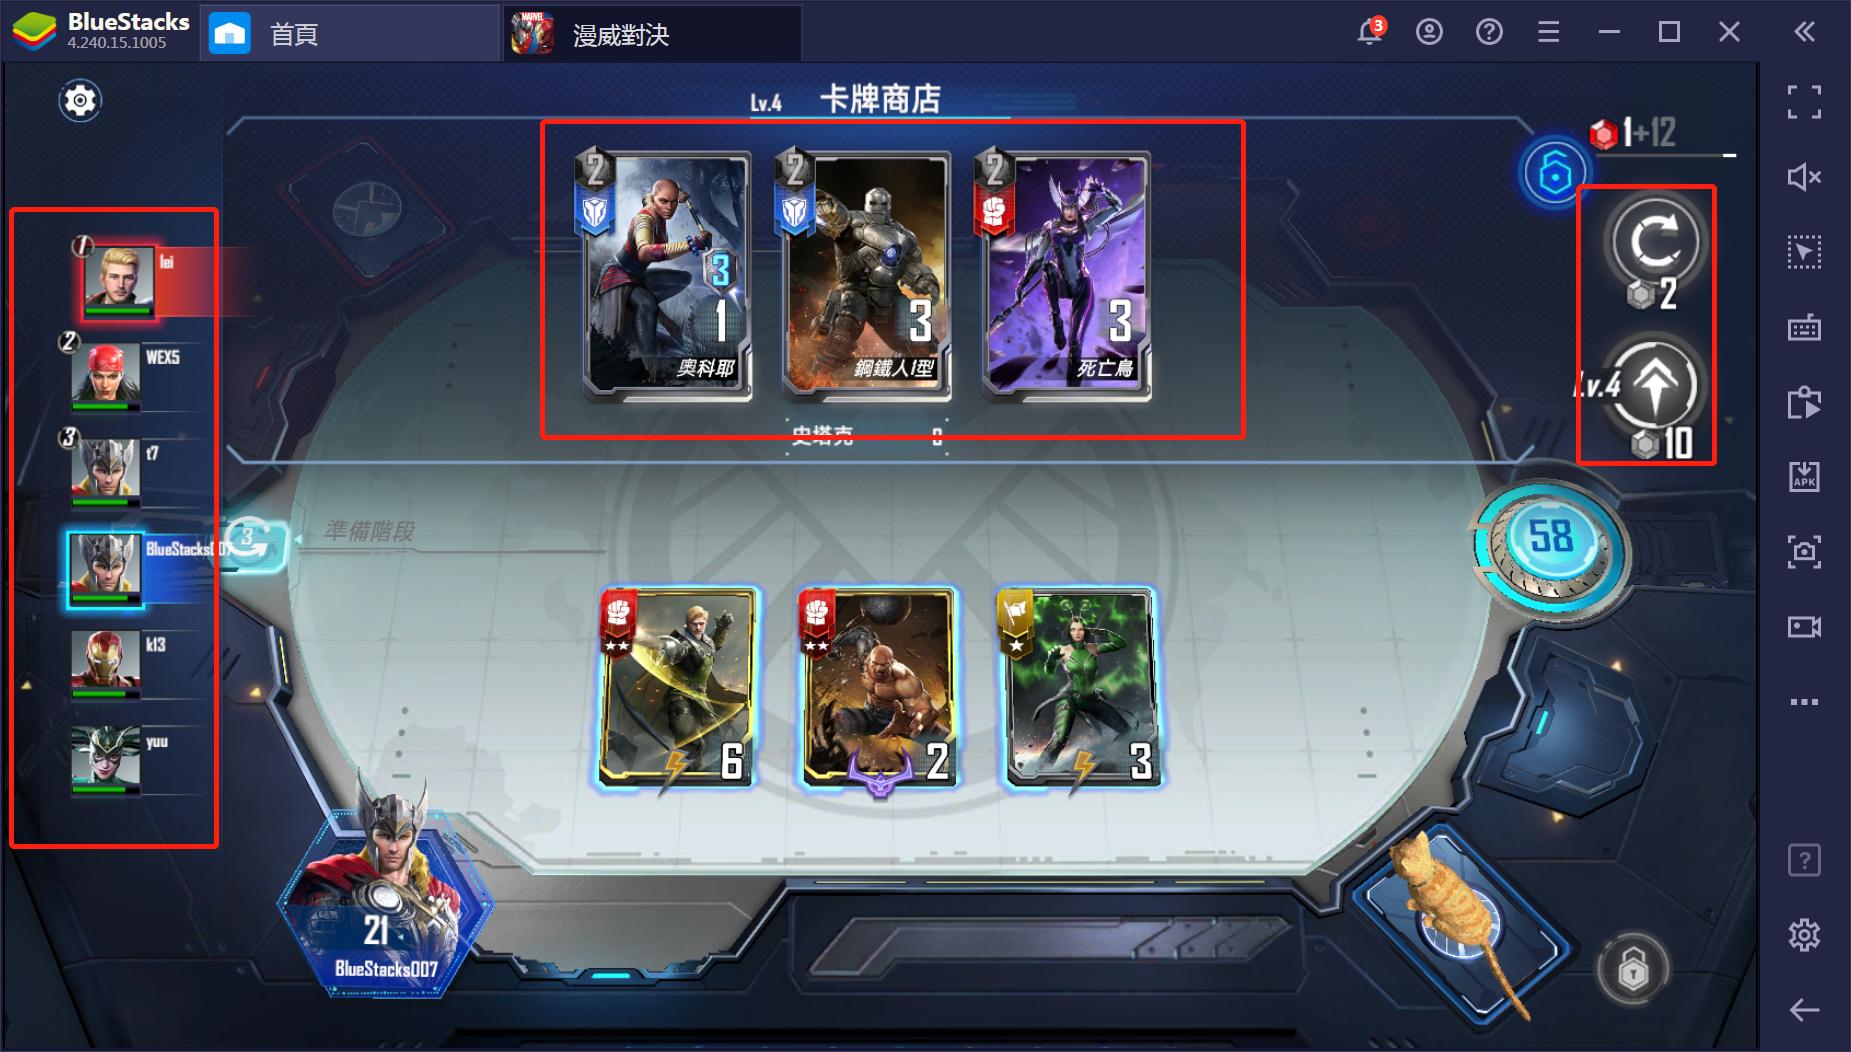 使用BlueStacks在PC上遊玩對戰手遊《漫威對決》